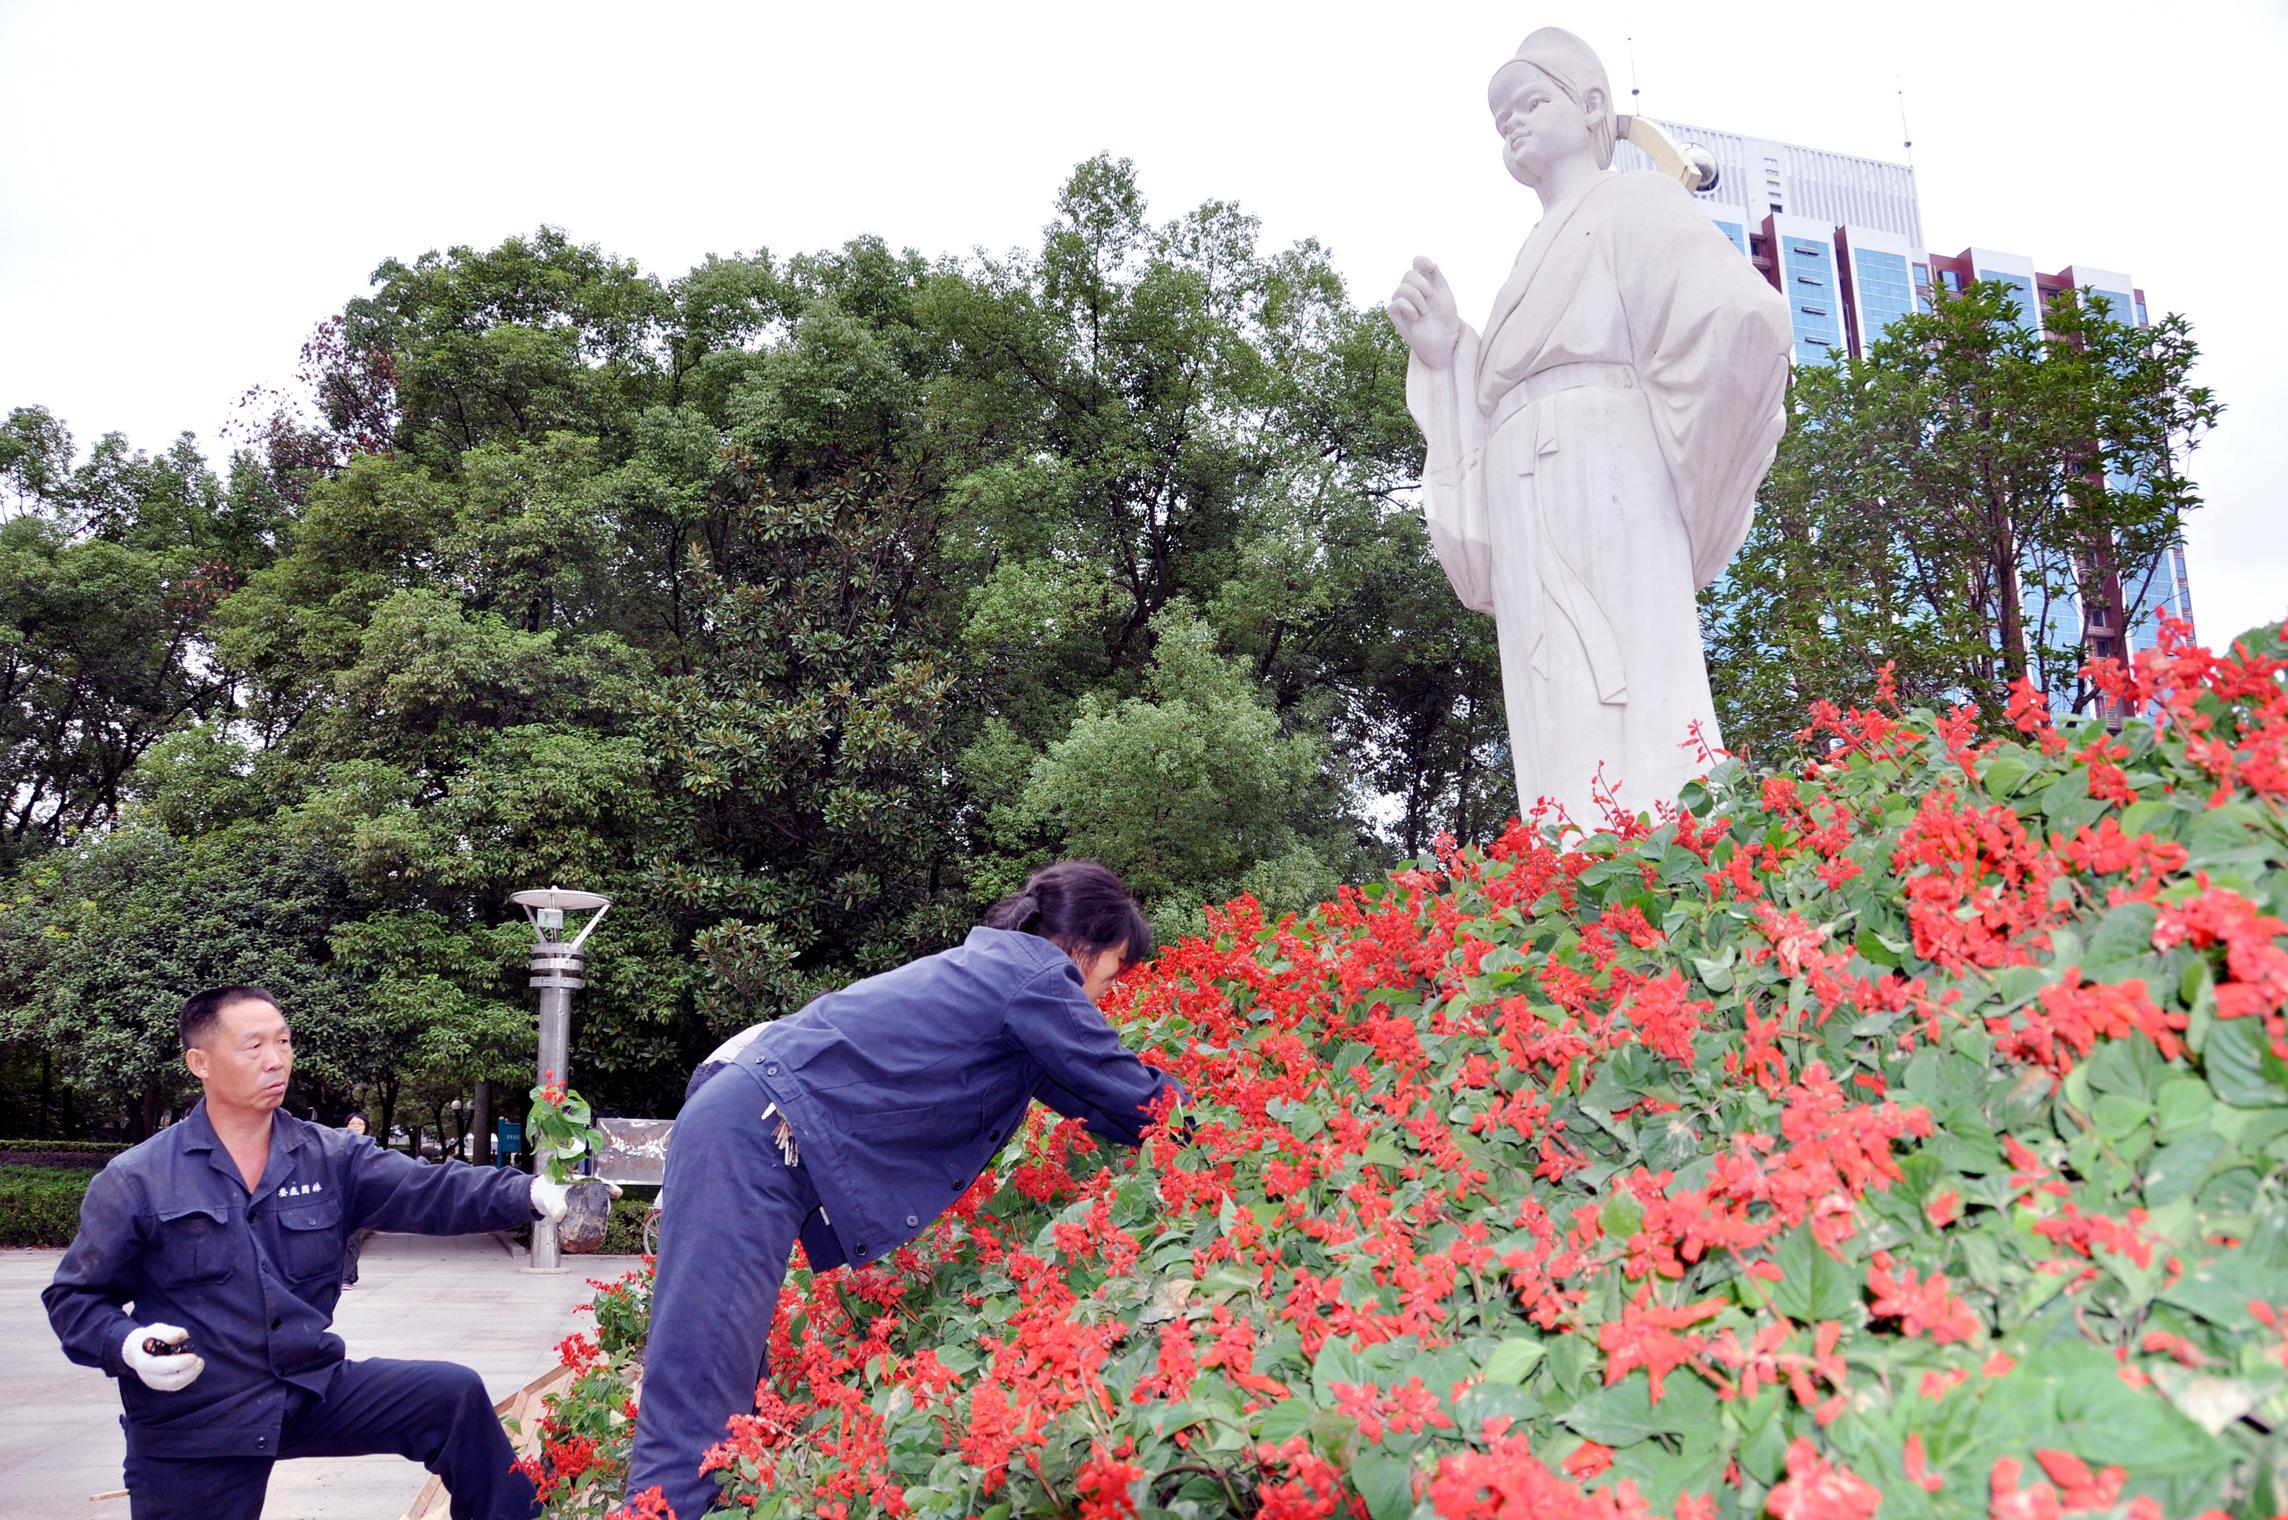 娄底2011年国庆花卉展览开始布展- 园林资讯 - 中国